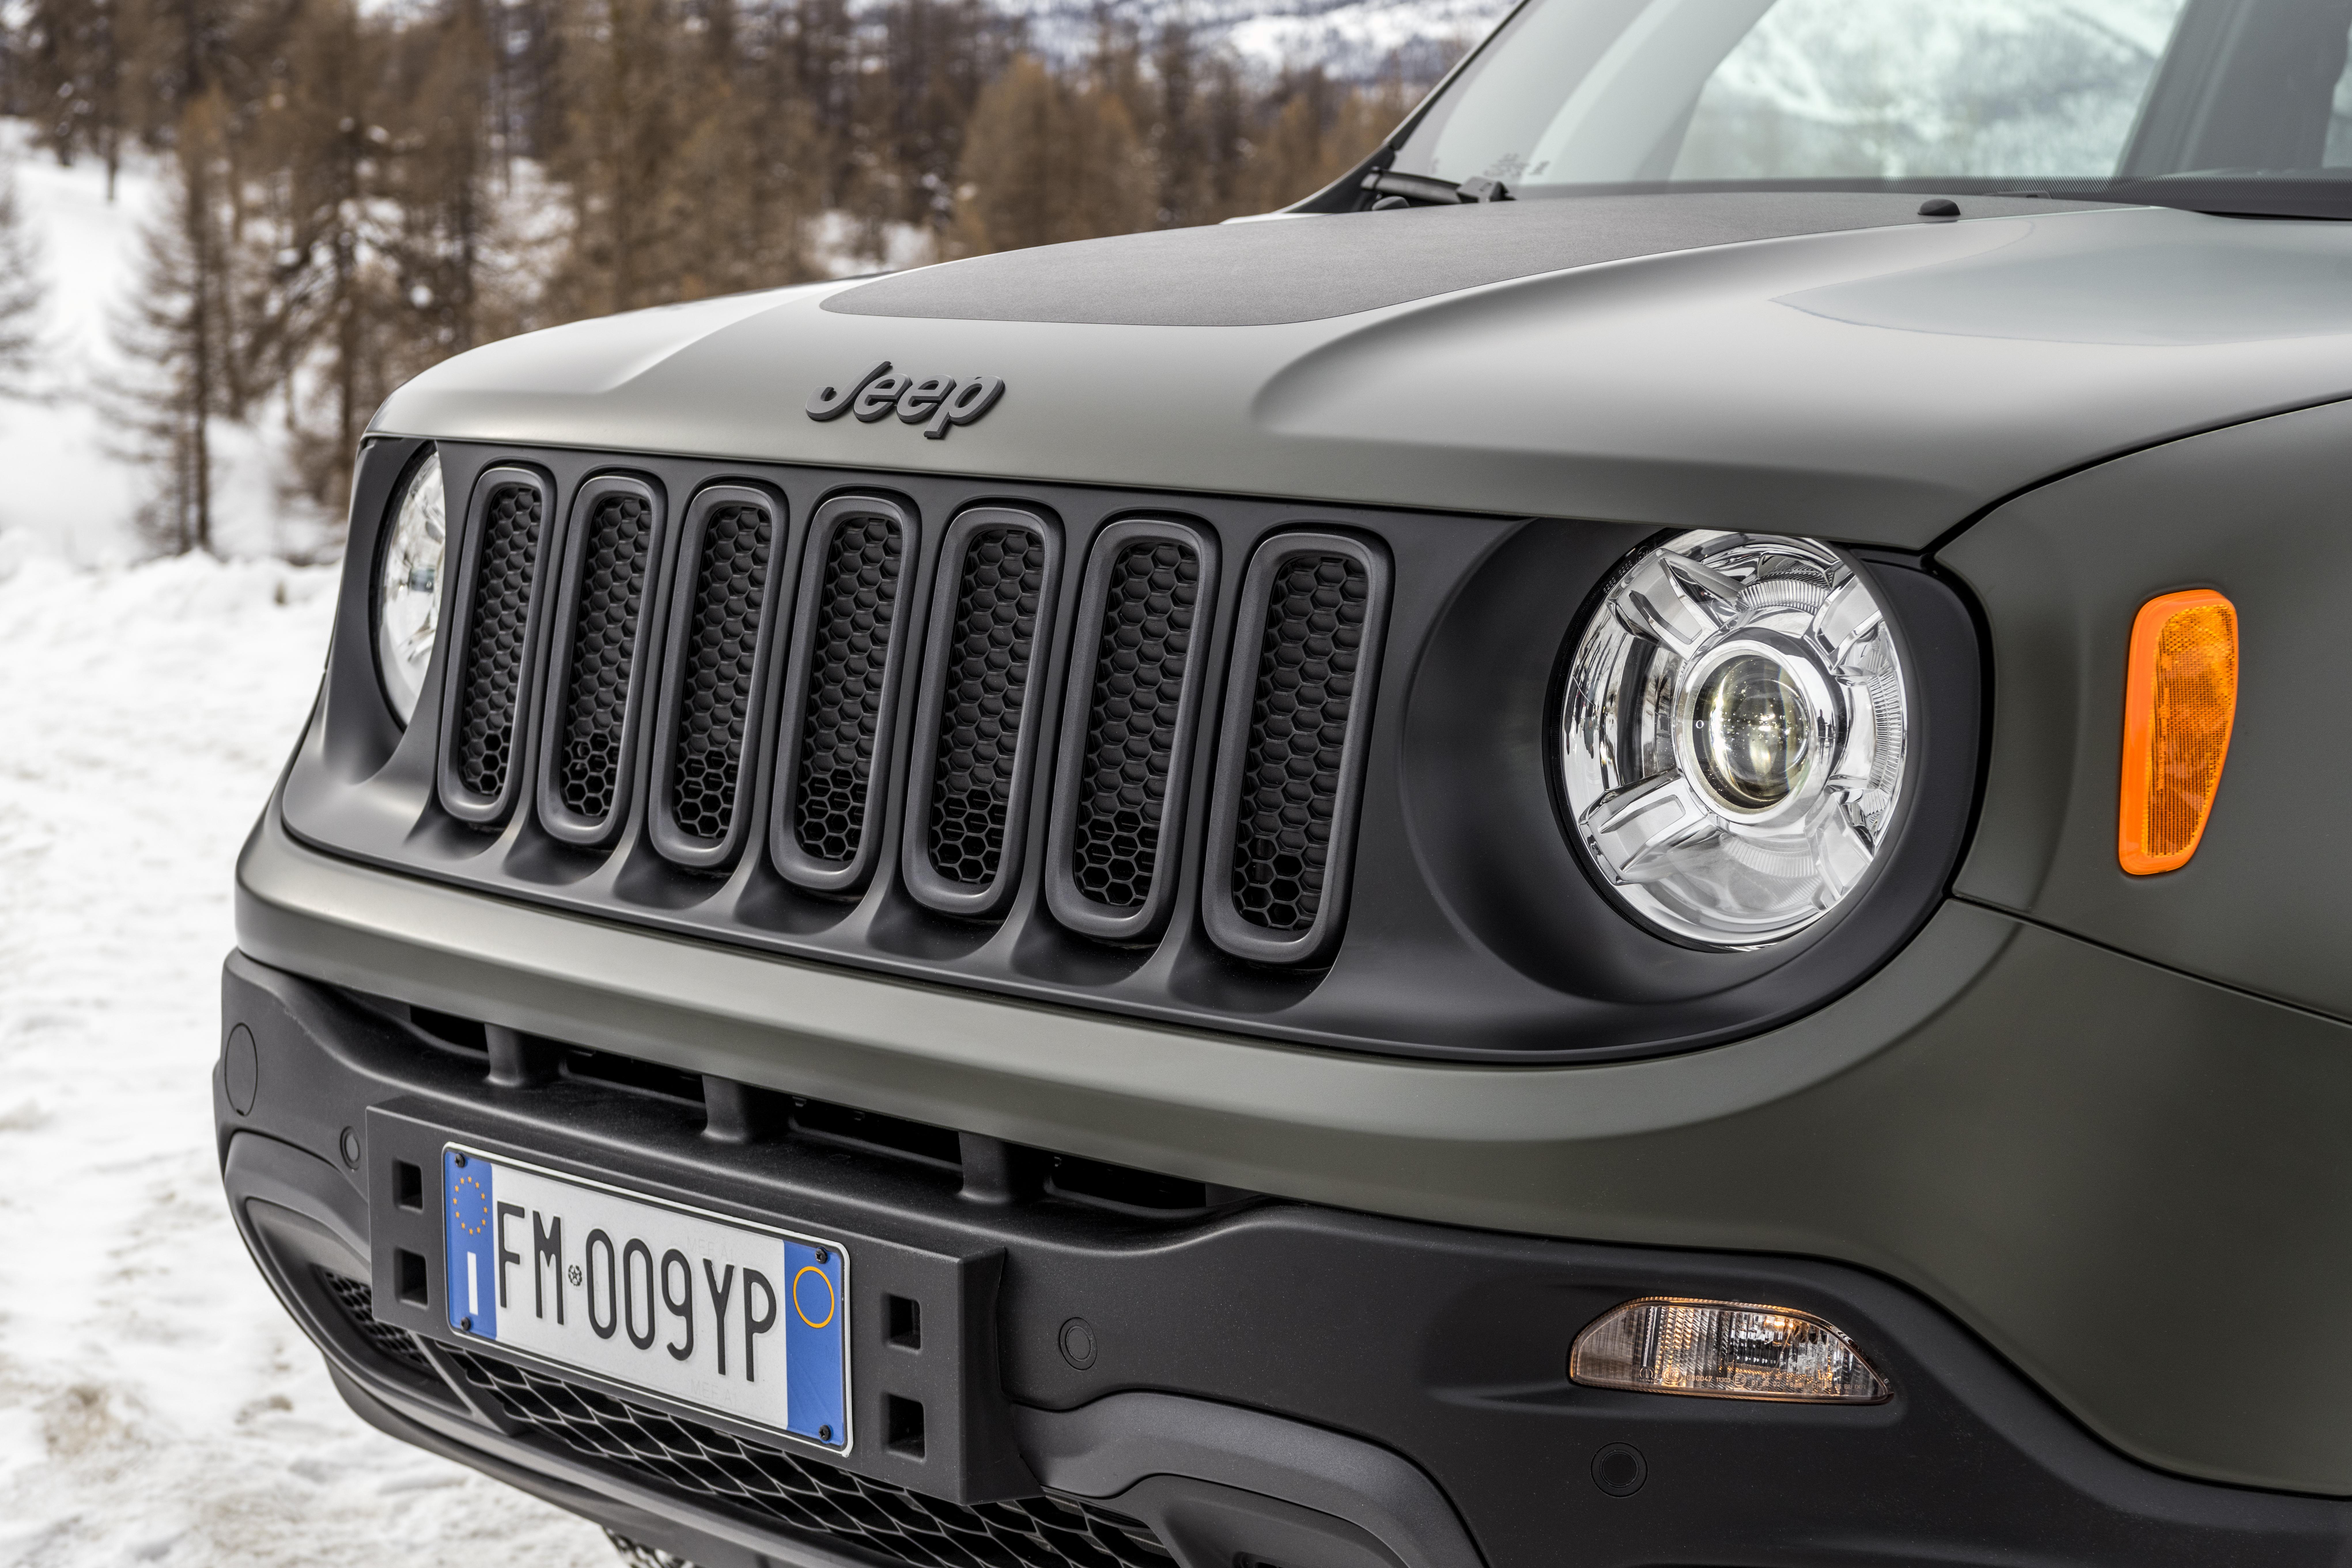 180129_Jeep_Renegade-my18_11 Noul Jeep Renegade 2019 a fost dezvaluit la Salonul Auto de la Torino